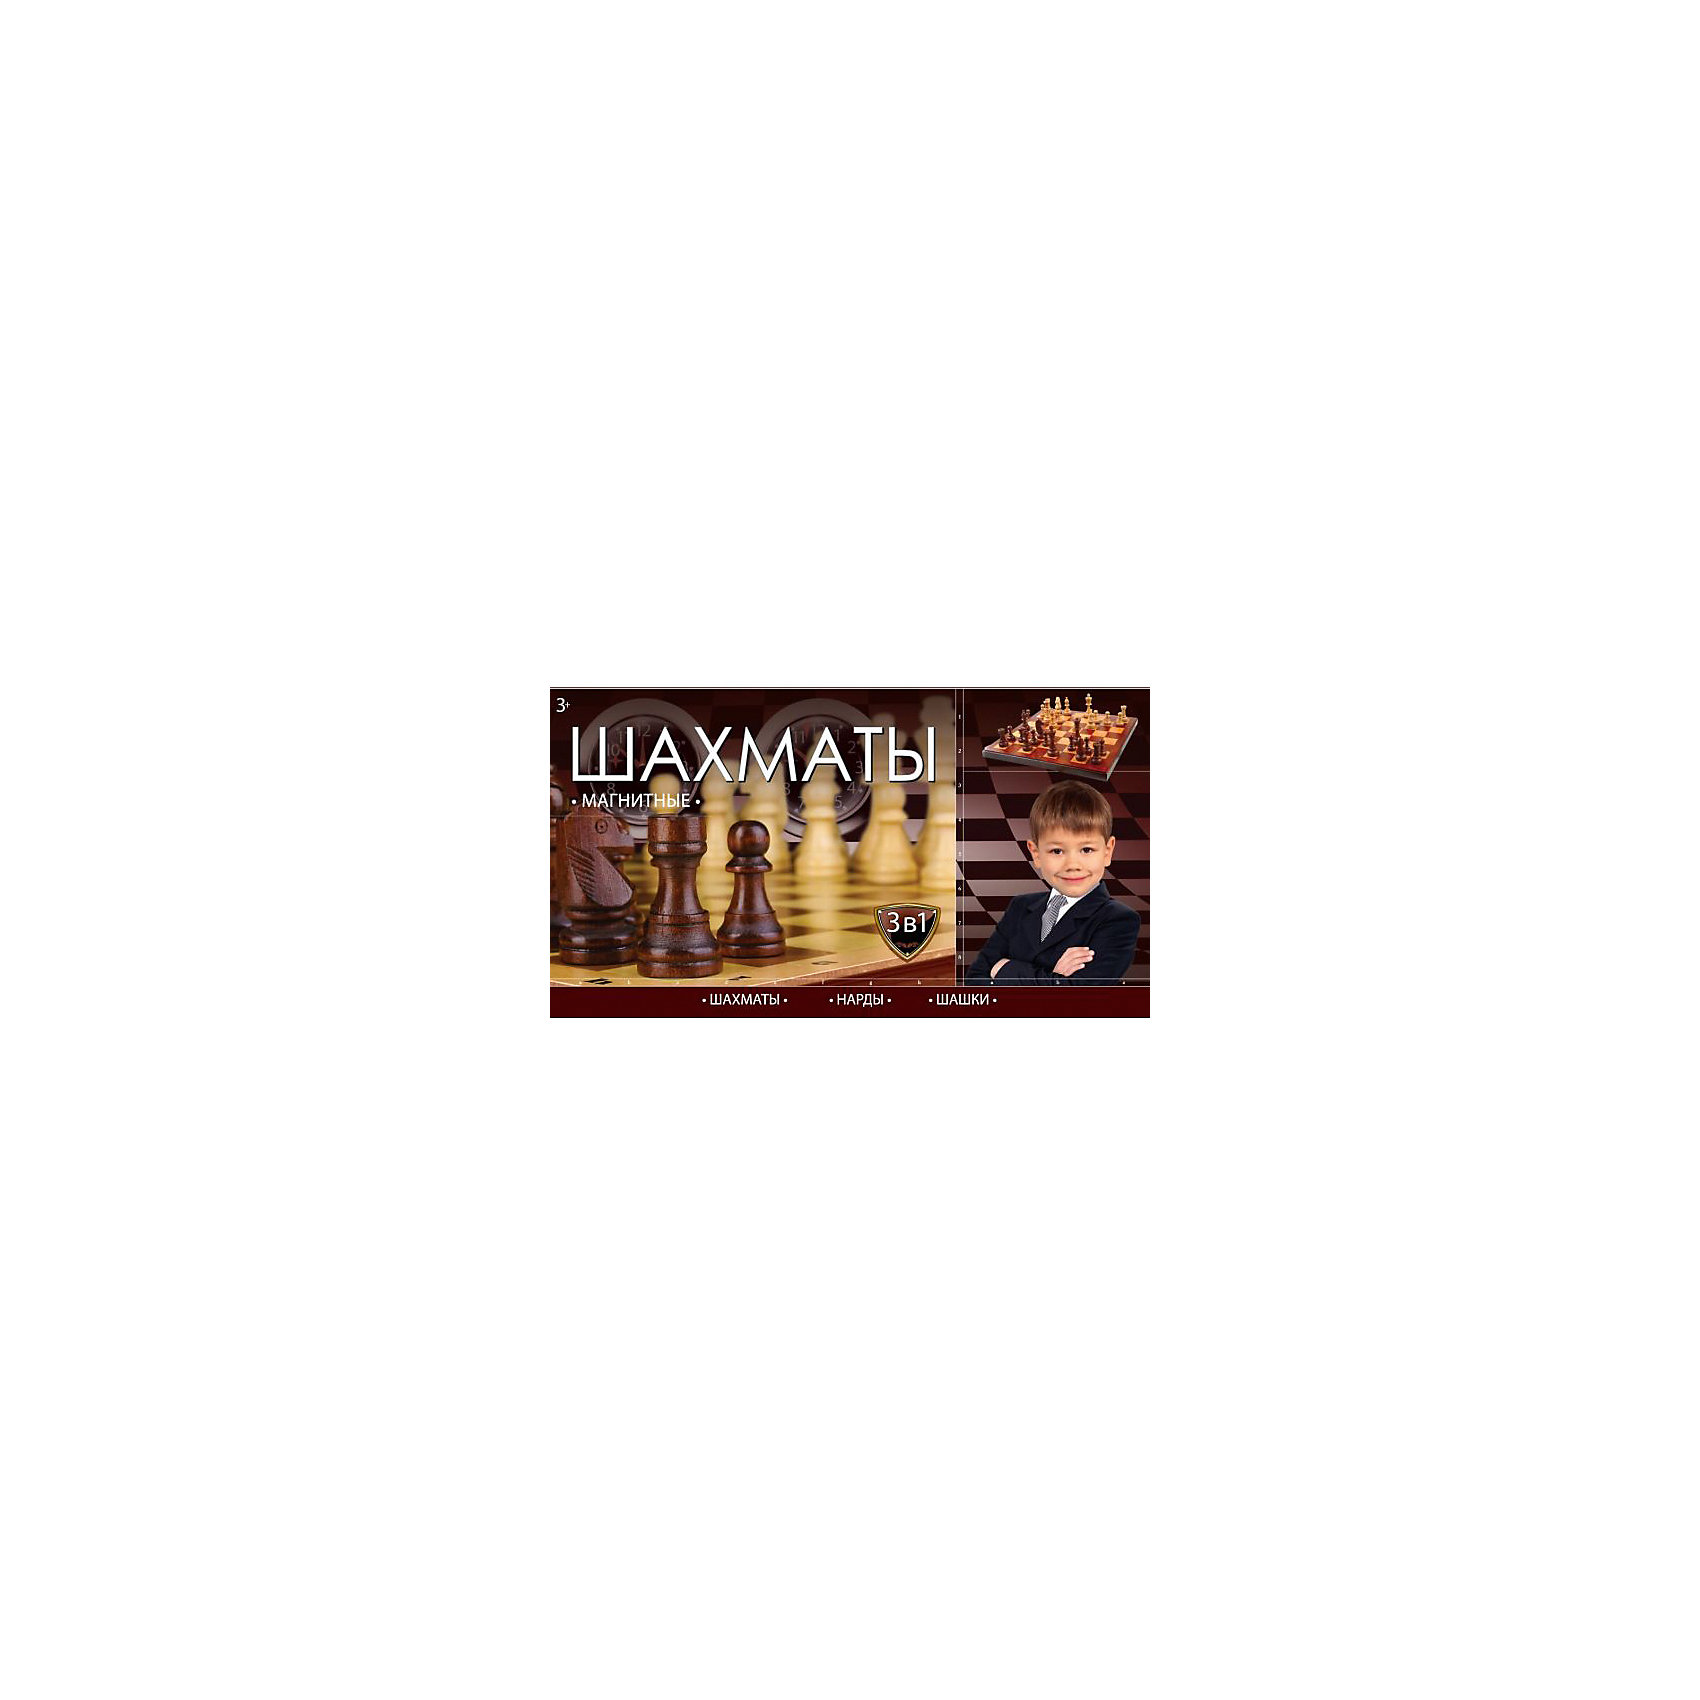 Шахматы магнитные 3-В-1 ( шахматы, шашки, нарды), Играем вместеРазвивающие игры<br>Набор из 3 магнитных игр ( шахматы, шашки, нарды) Все игры развивают логическое и стратегическое мышление. Все 3 игры собраны в 1 компактной коробочке, что позволит взять ее с осбой в путешетствие. Игры изготовлены из качественного пластика.<br><br>Ширина мм: 30<br>Глубина мм: 110<br>Высота мм: 200<br>Вес г: 230<br>Возраст от месяцев: 72<br>Возраст до месяцев: 2147483647<br>Пол: Унисекс<br>Возраст: Детский<br>SKU: 5099059